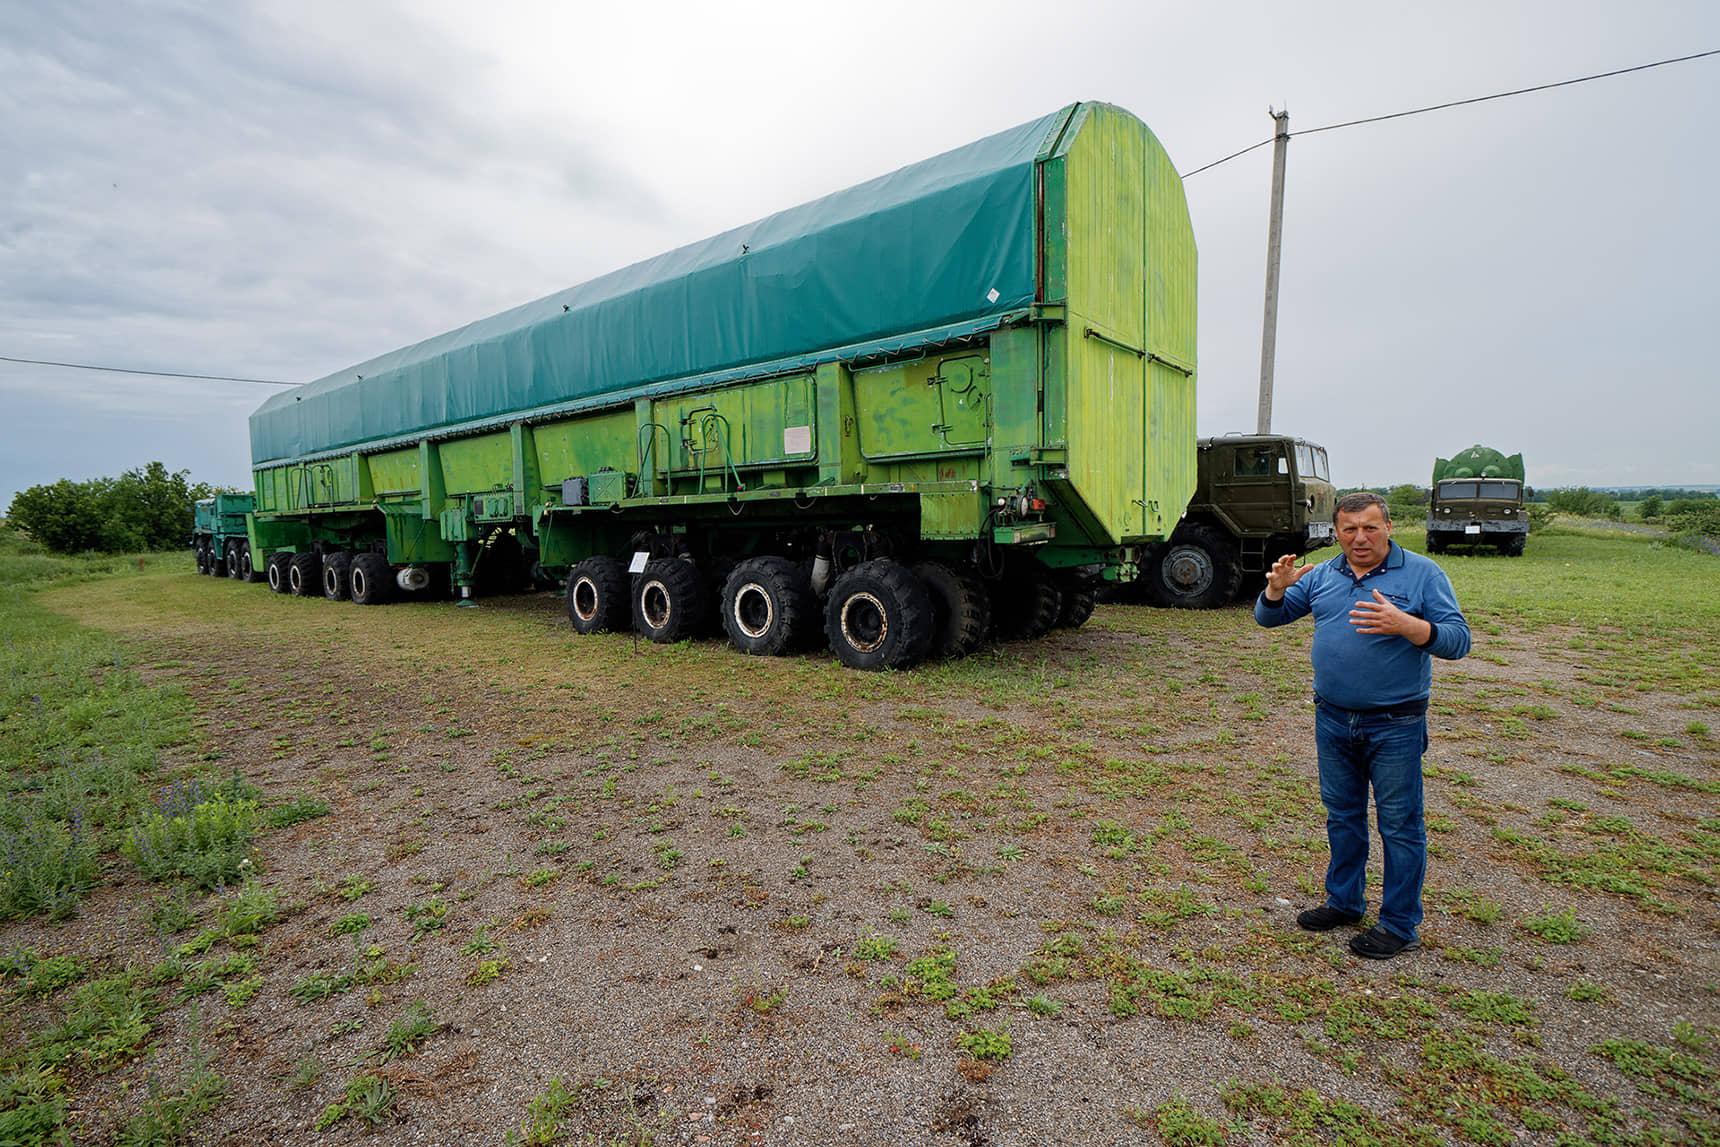 В таких тягачах перевозили ракеты. Уже в начале 60-х в МАЗах, которые производили для армии, была коробка-автомат